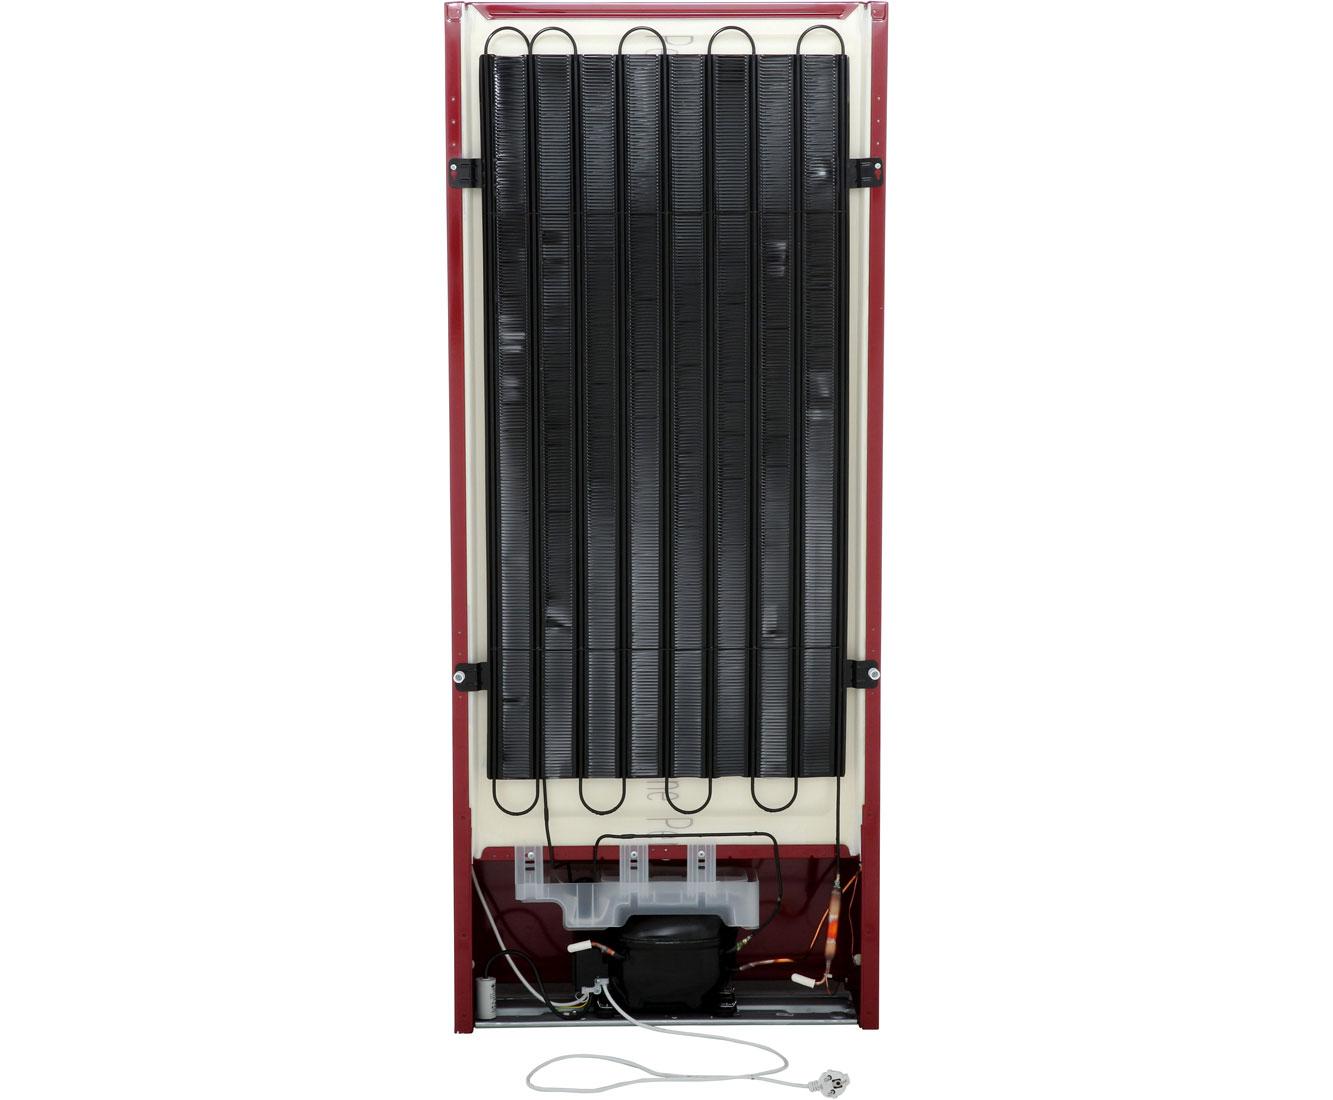 Aeg Kühlschrank Rfb52412ax : Aeg privileg zanussi gefrierfachklappe scharnier halter bolzen